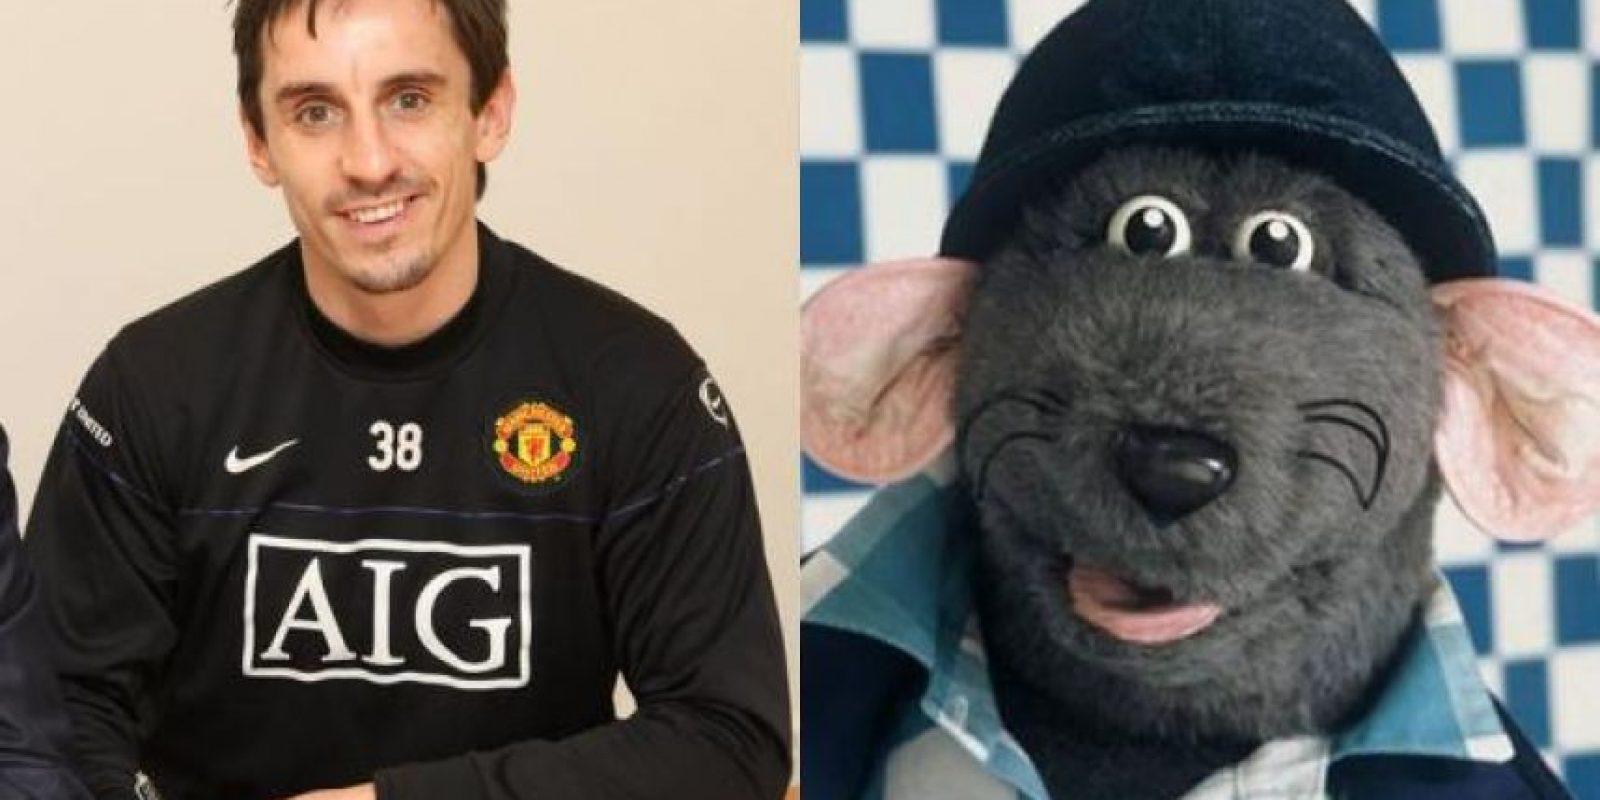 ¿Qué tal estos parecidos? El doble del ex futbolista inglés Gary Neville es Roland Rat, un personaje de televisión famoso en la Gran Bretaña. Foto:http://footyjokes.net